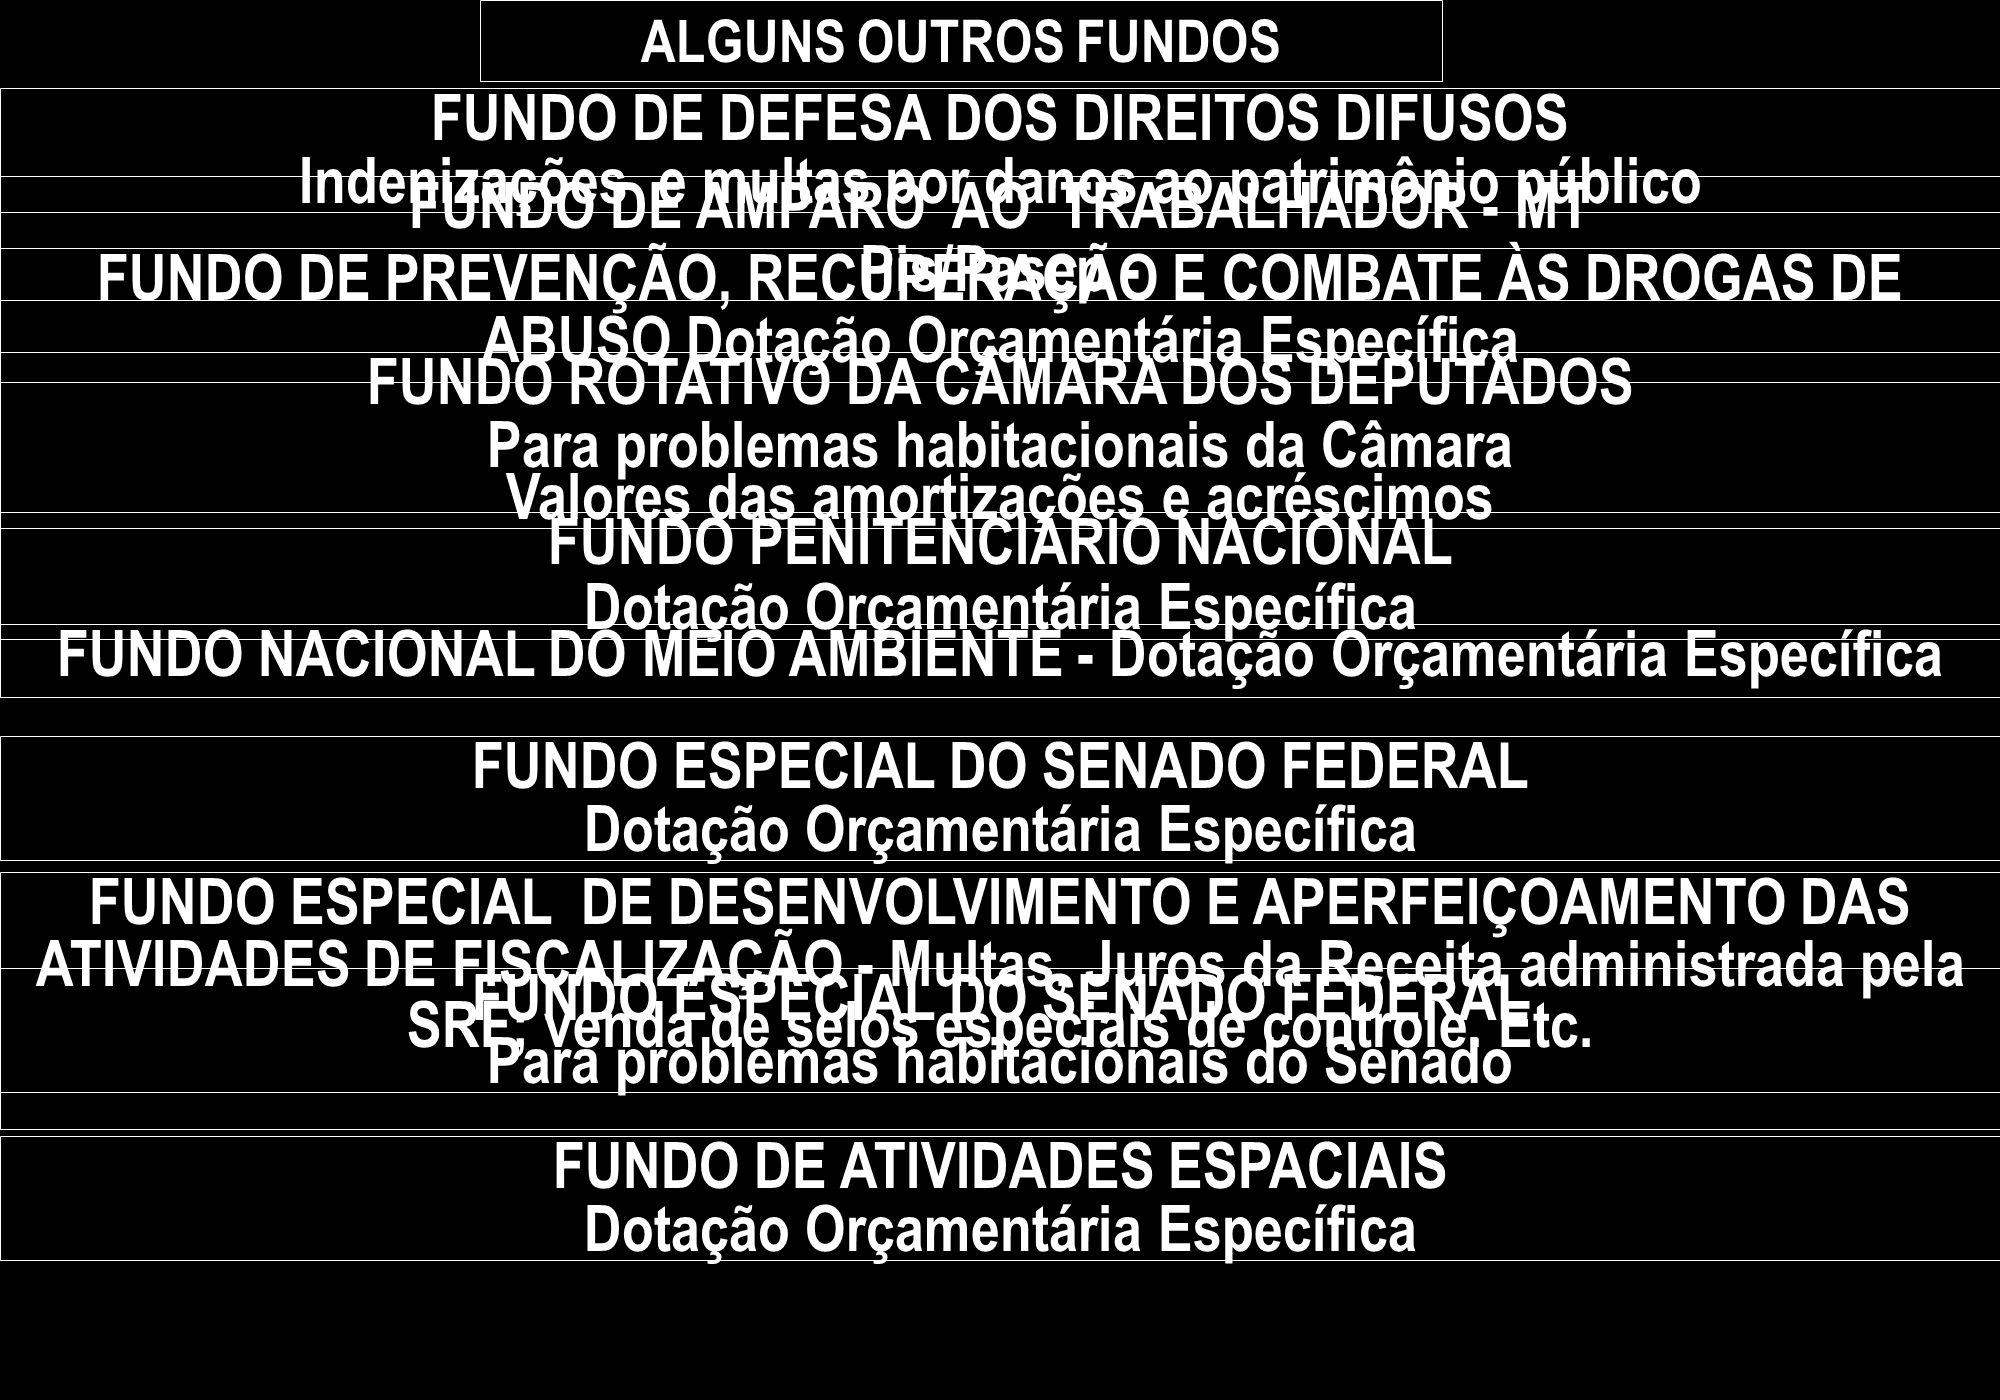 FUNDO DE DEFESA DOS DIREITOS DIFUSOS